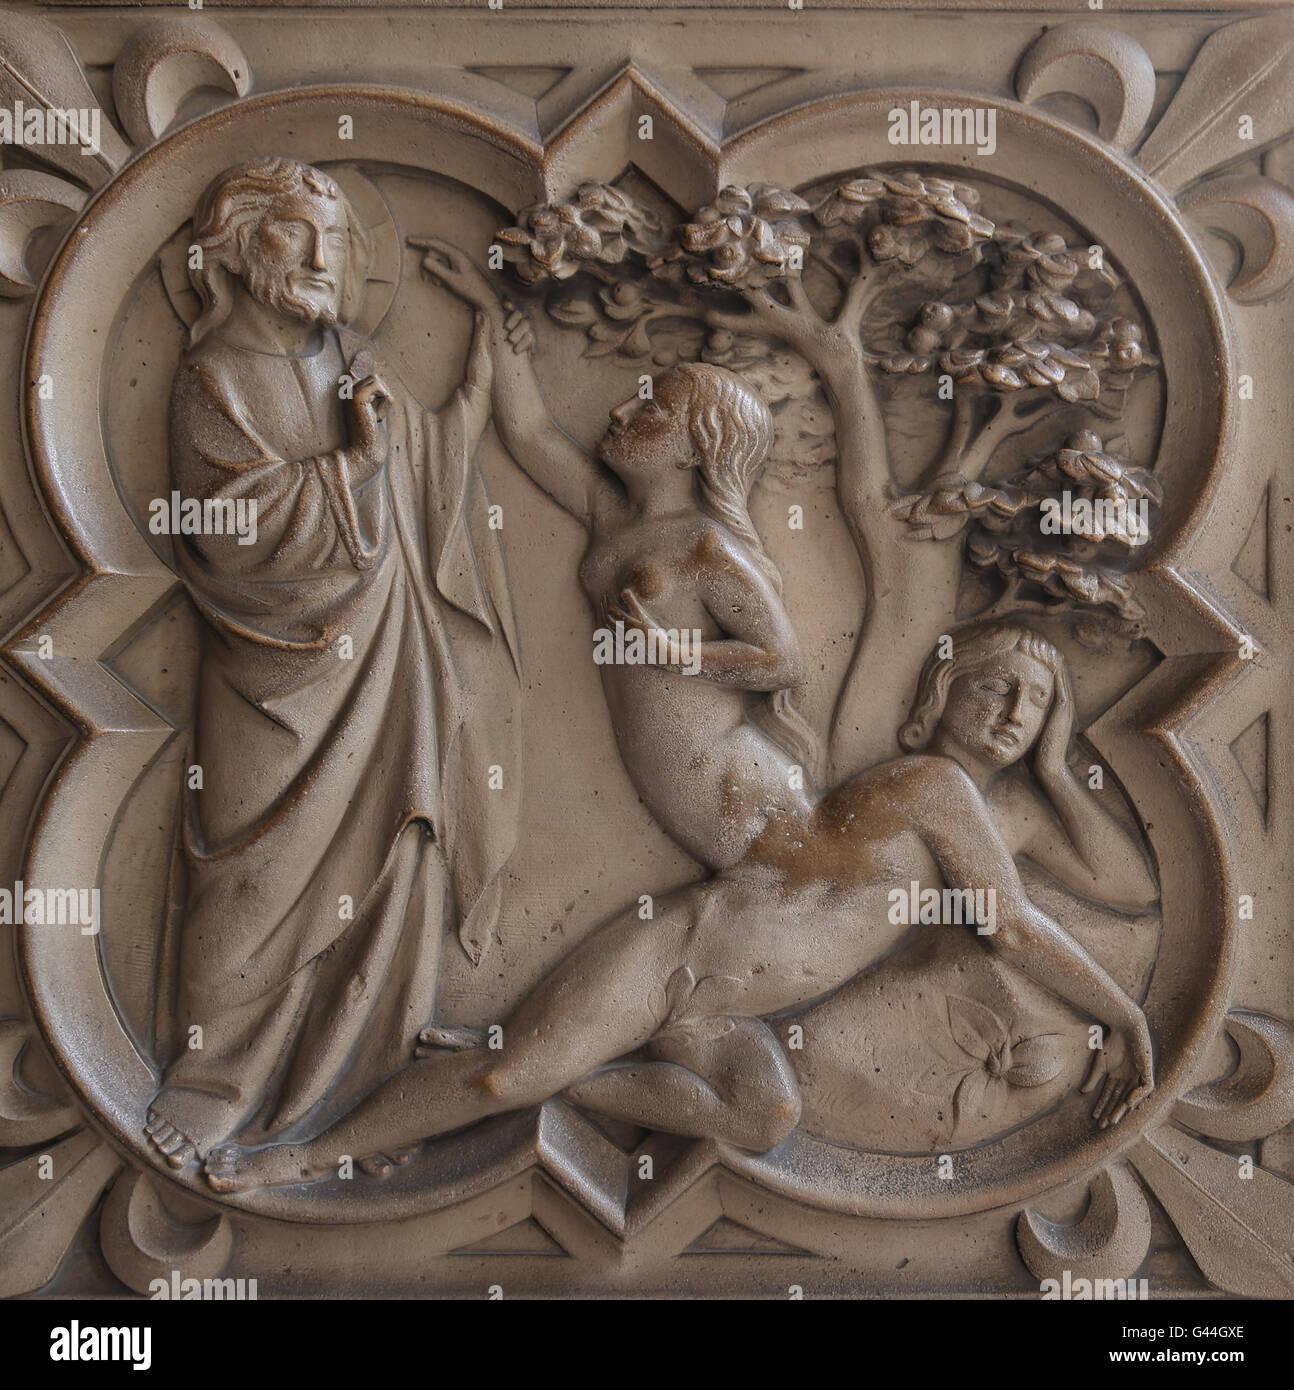 Création d'Ève. Le soulagement. La genèse. 13e c. La Sainte-Chapelle, Paris, France. Photo Stock